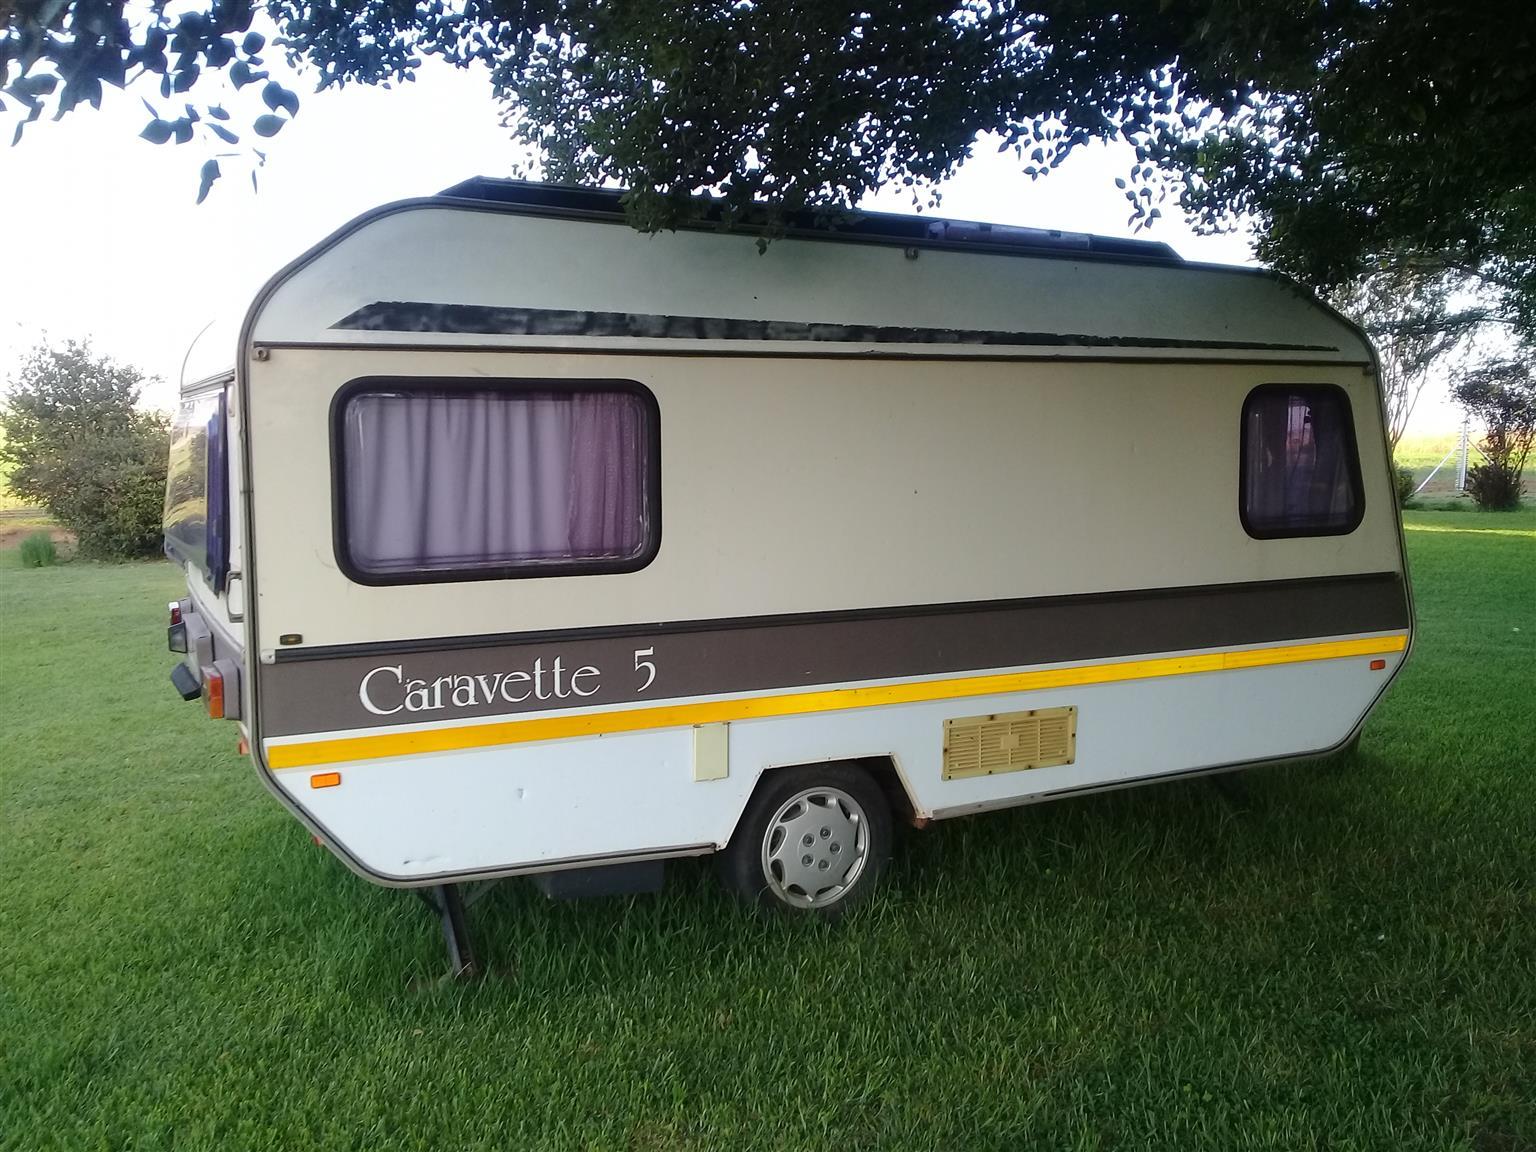 1984 Caravette 5 caravan